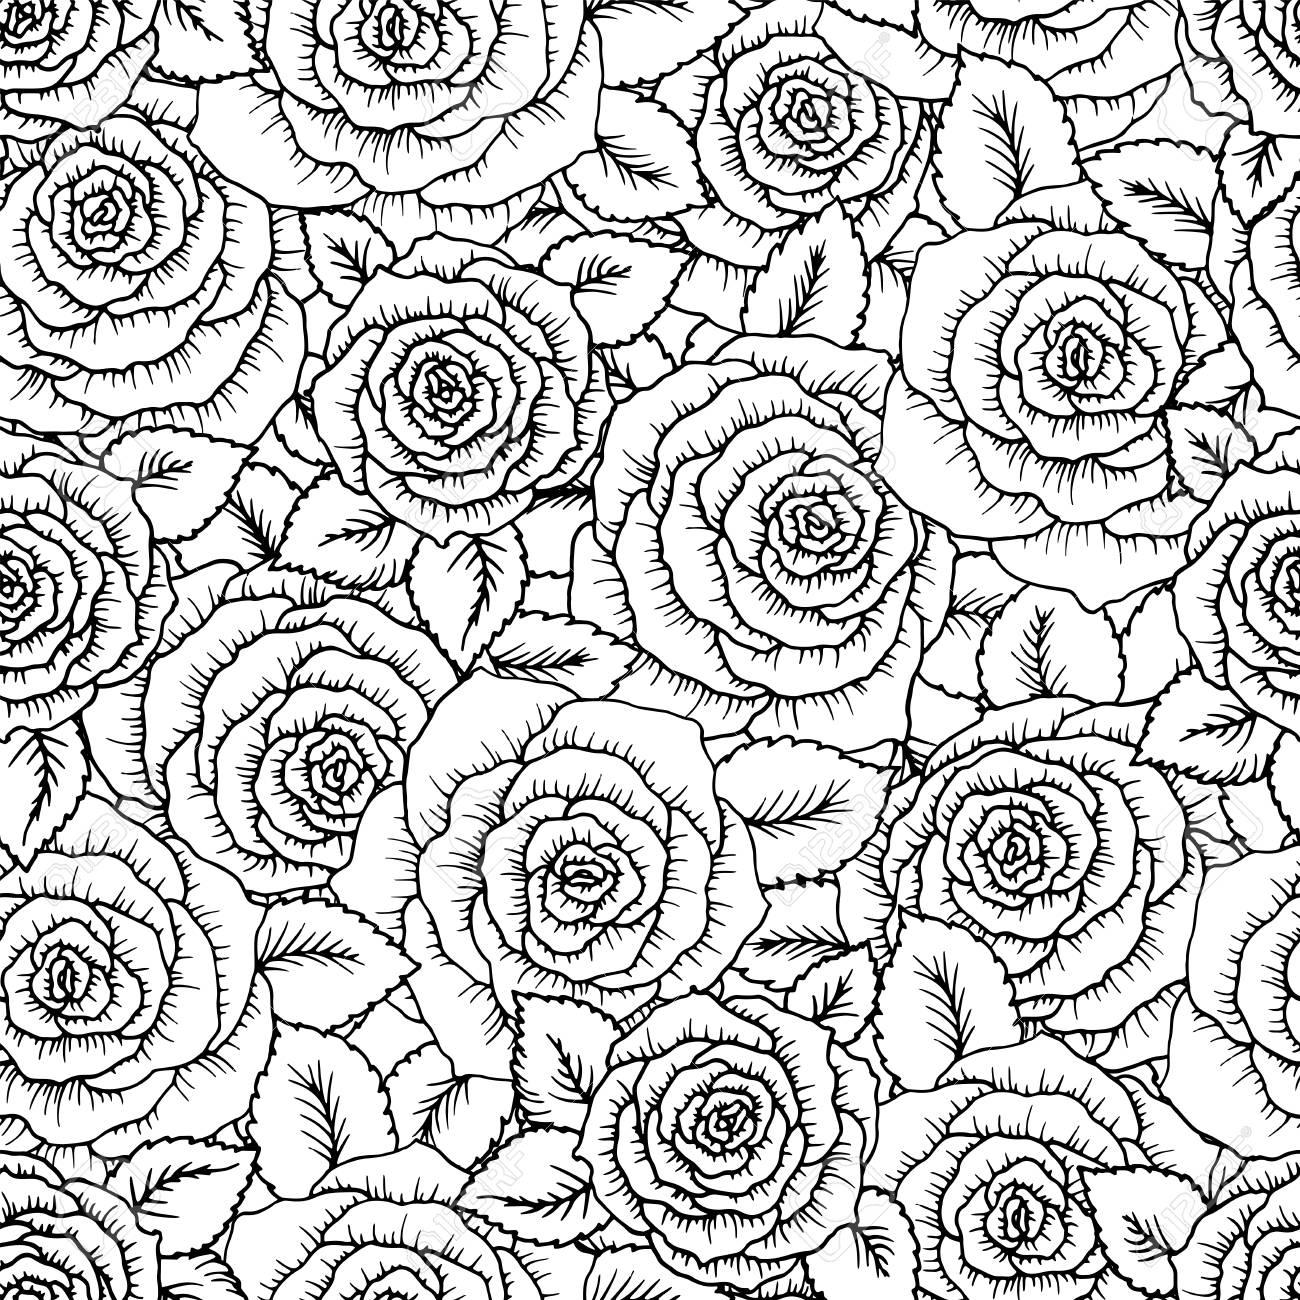 Hermosas Rosas De Patrones Sin Fisuras Blanco Y Negro Con Coutlines ...